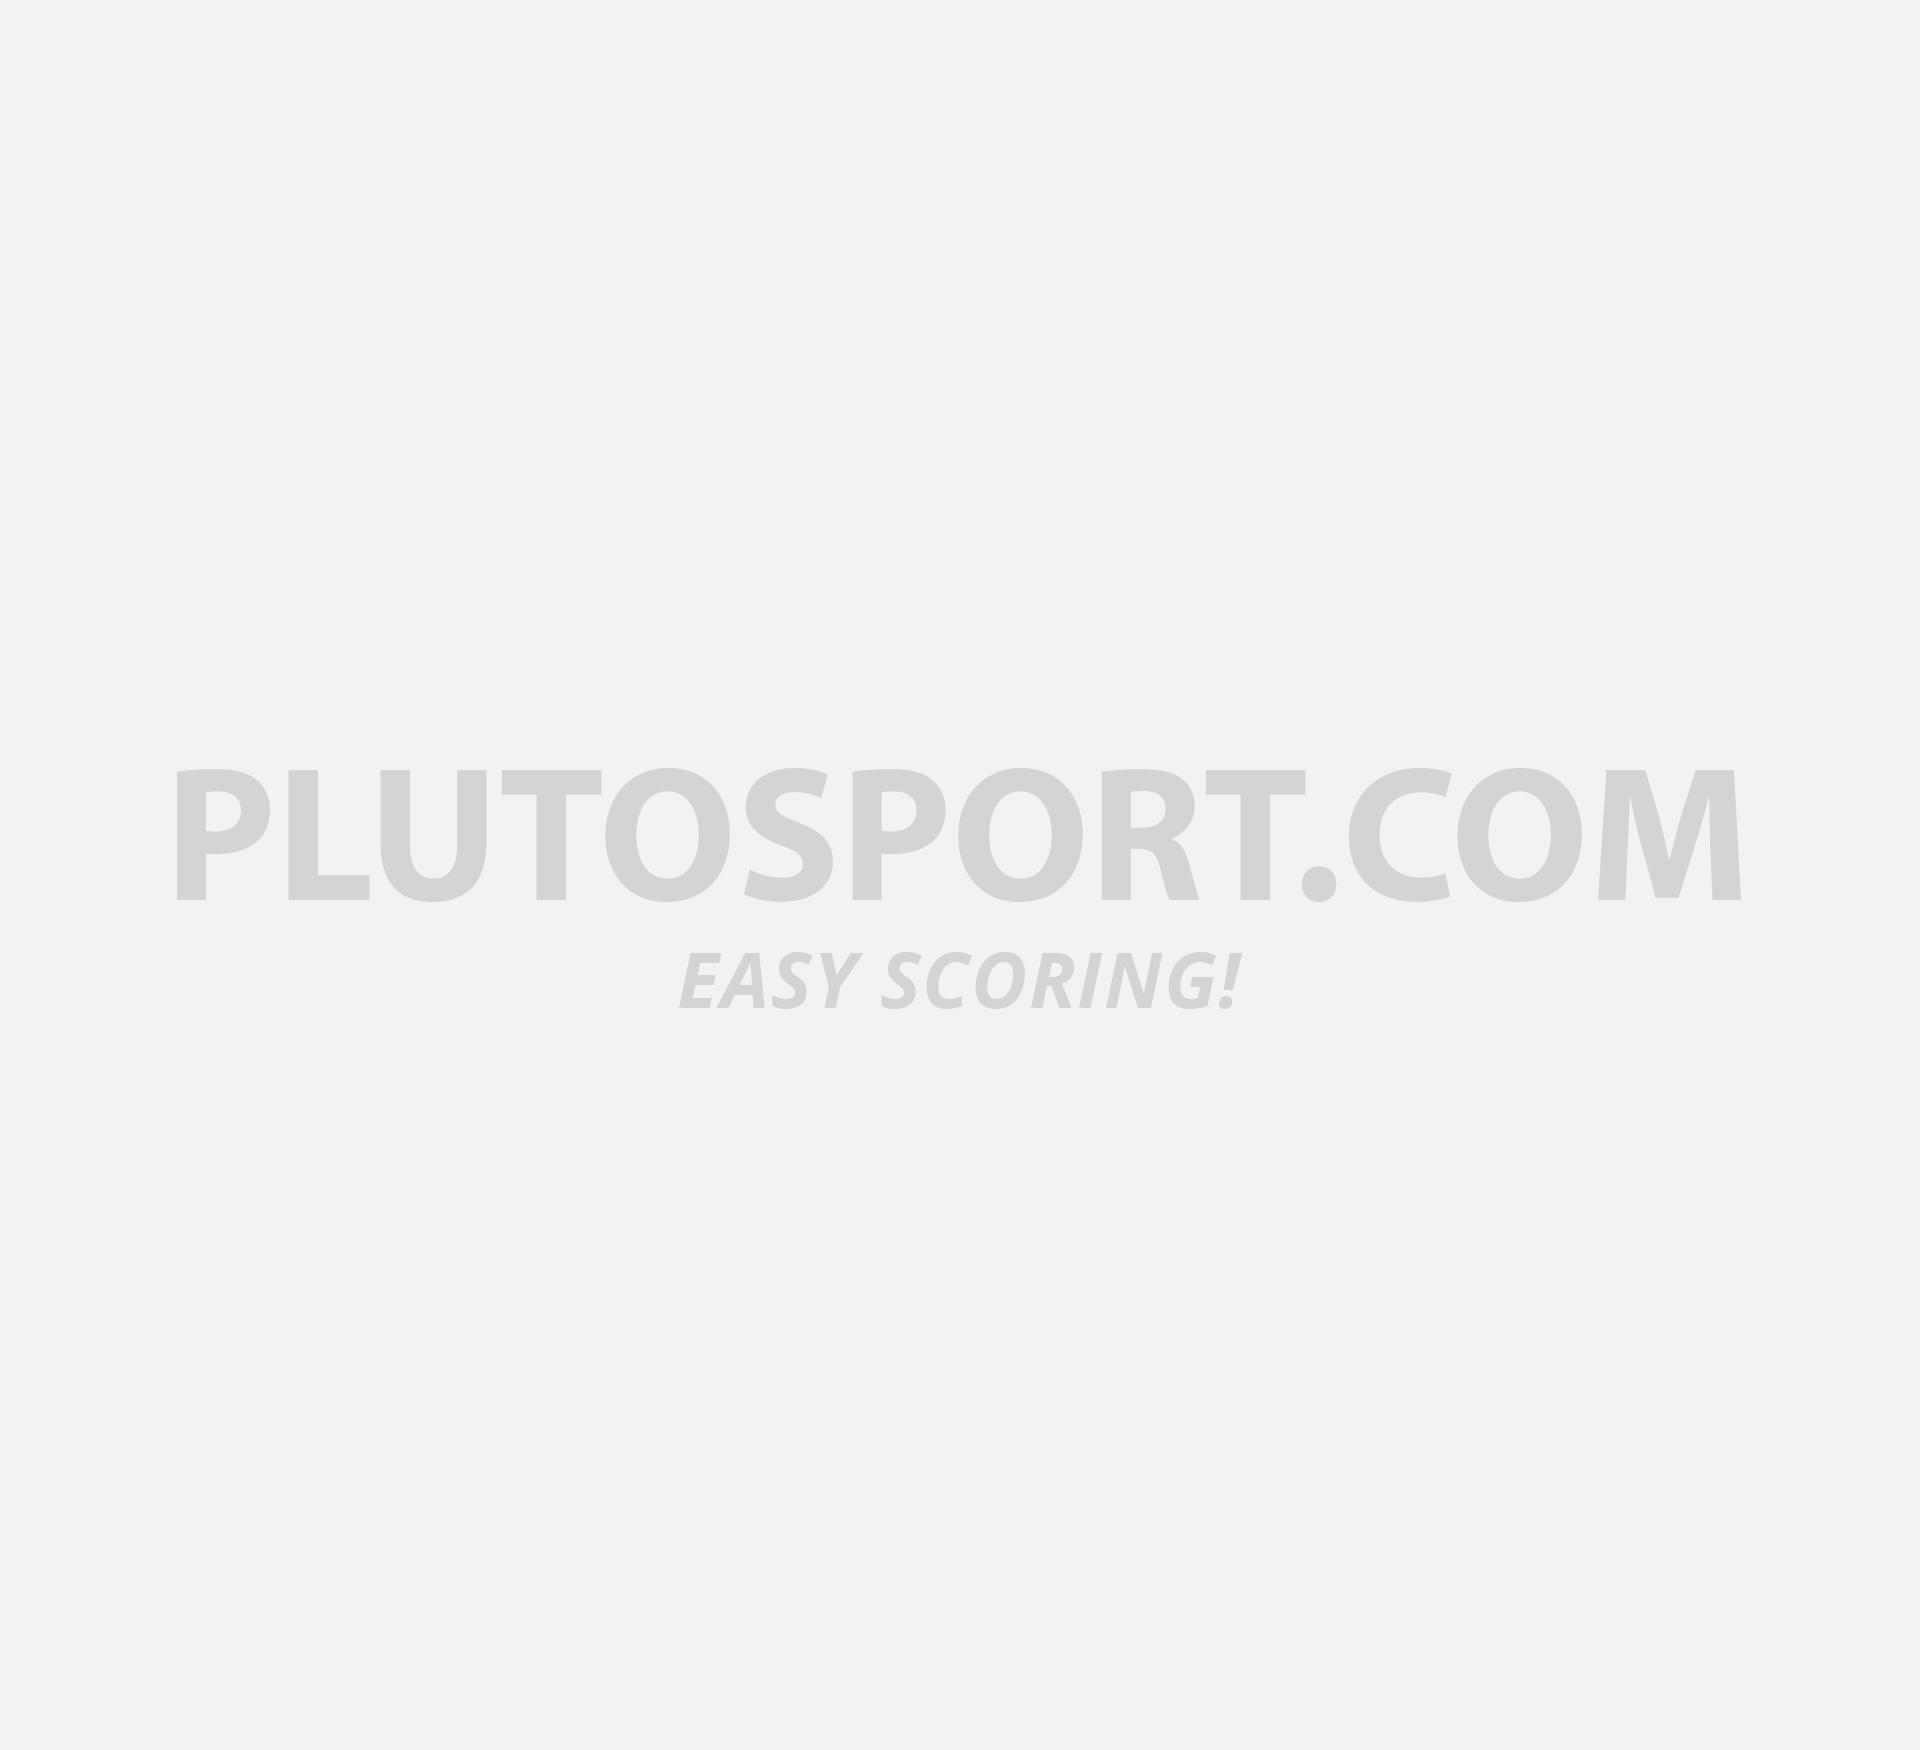 Puma evoPOWER 4.3 AG - Turf shoes - Shoes - Football - Women ... b0bc1f26f5